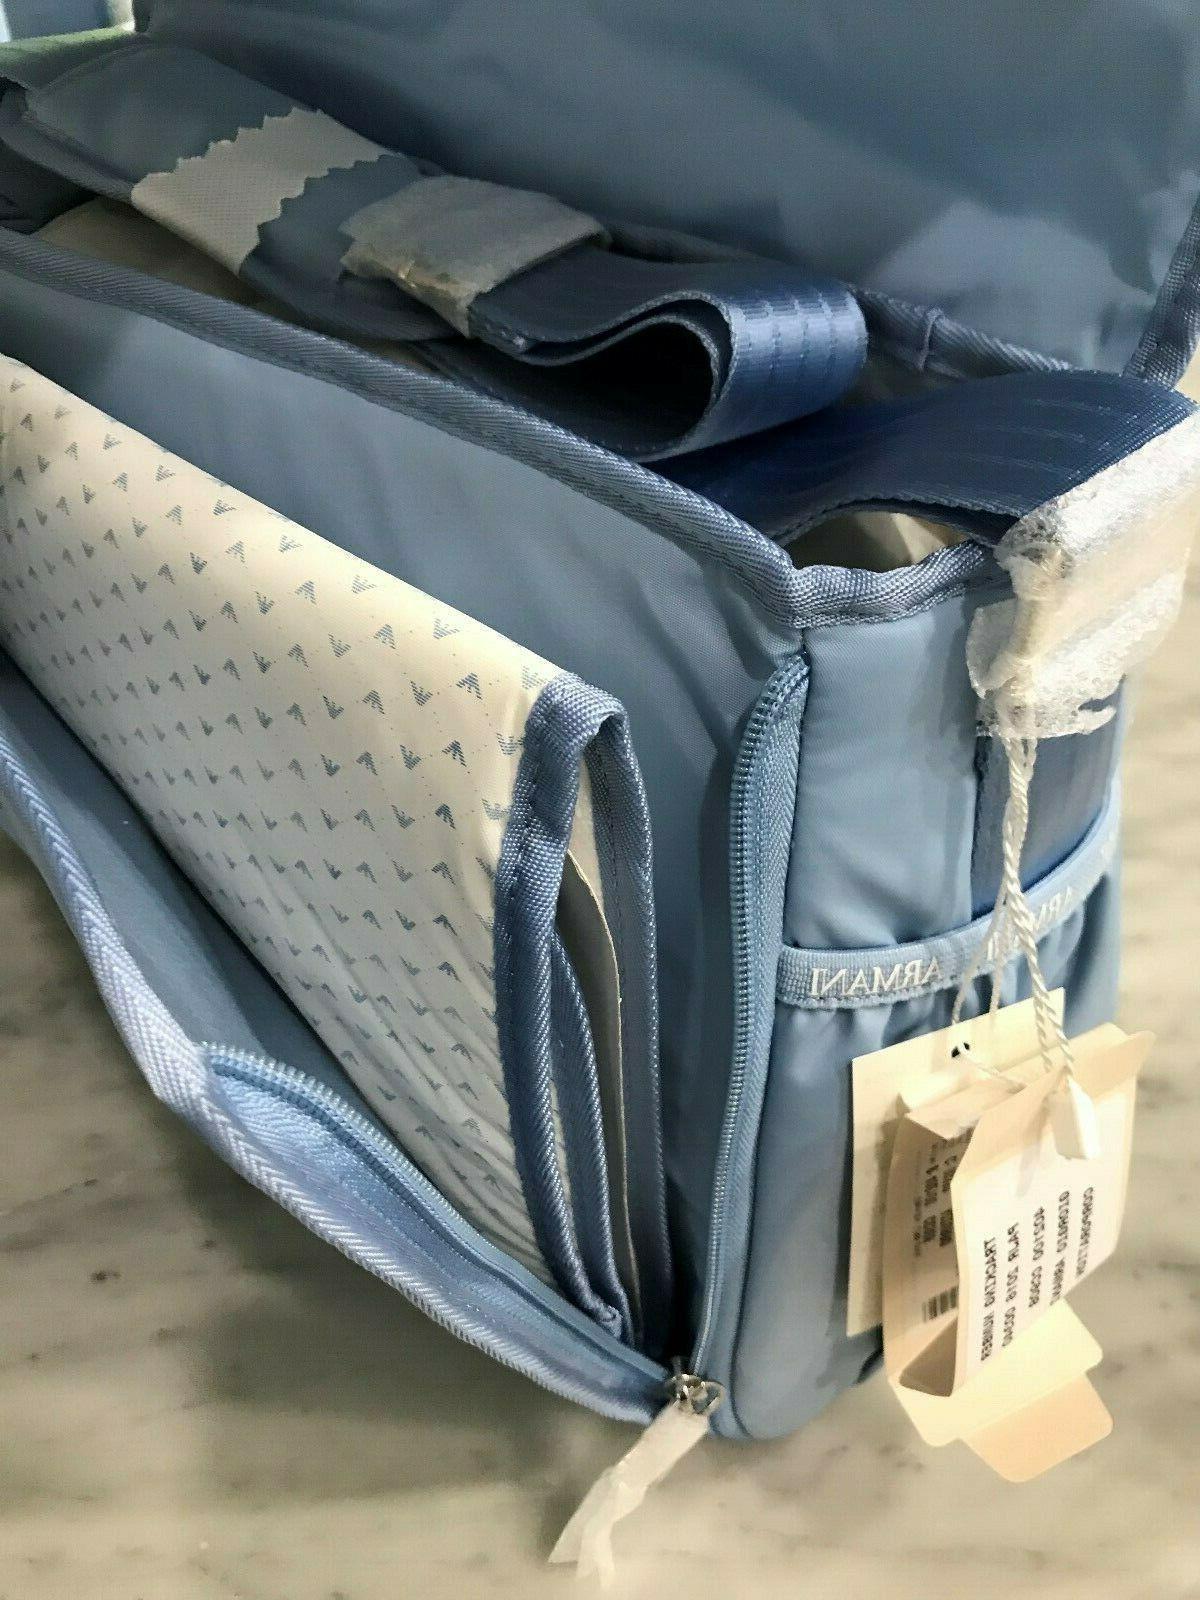 Armani Baby Large Baby Changing Messenger Bag $399